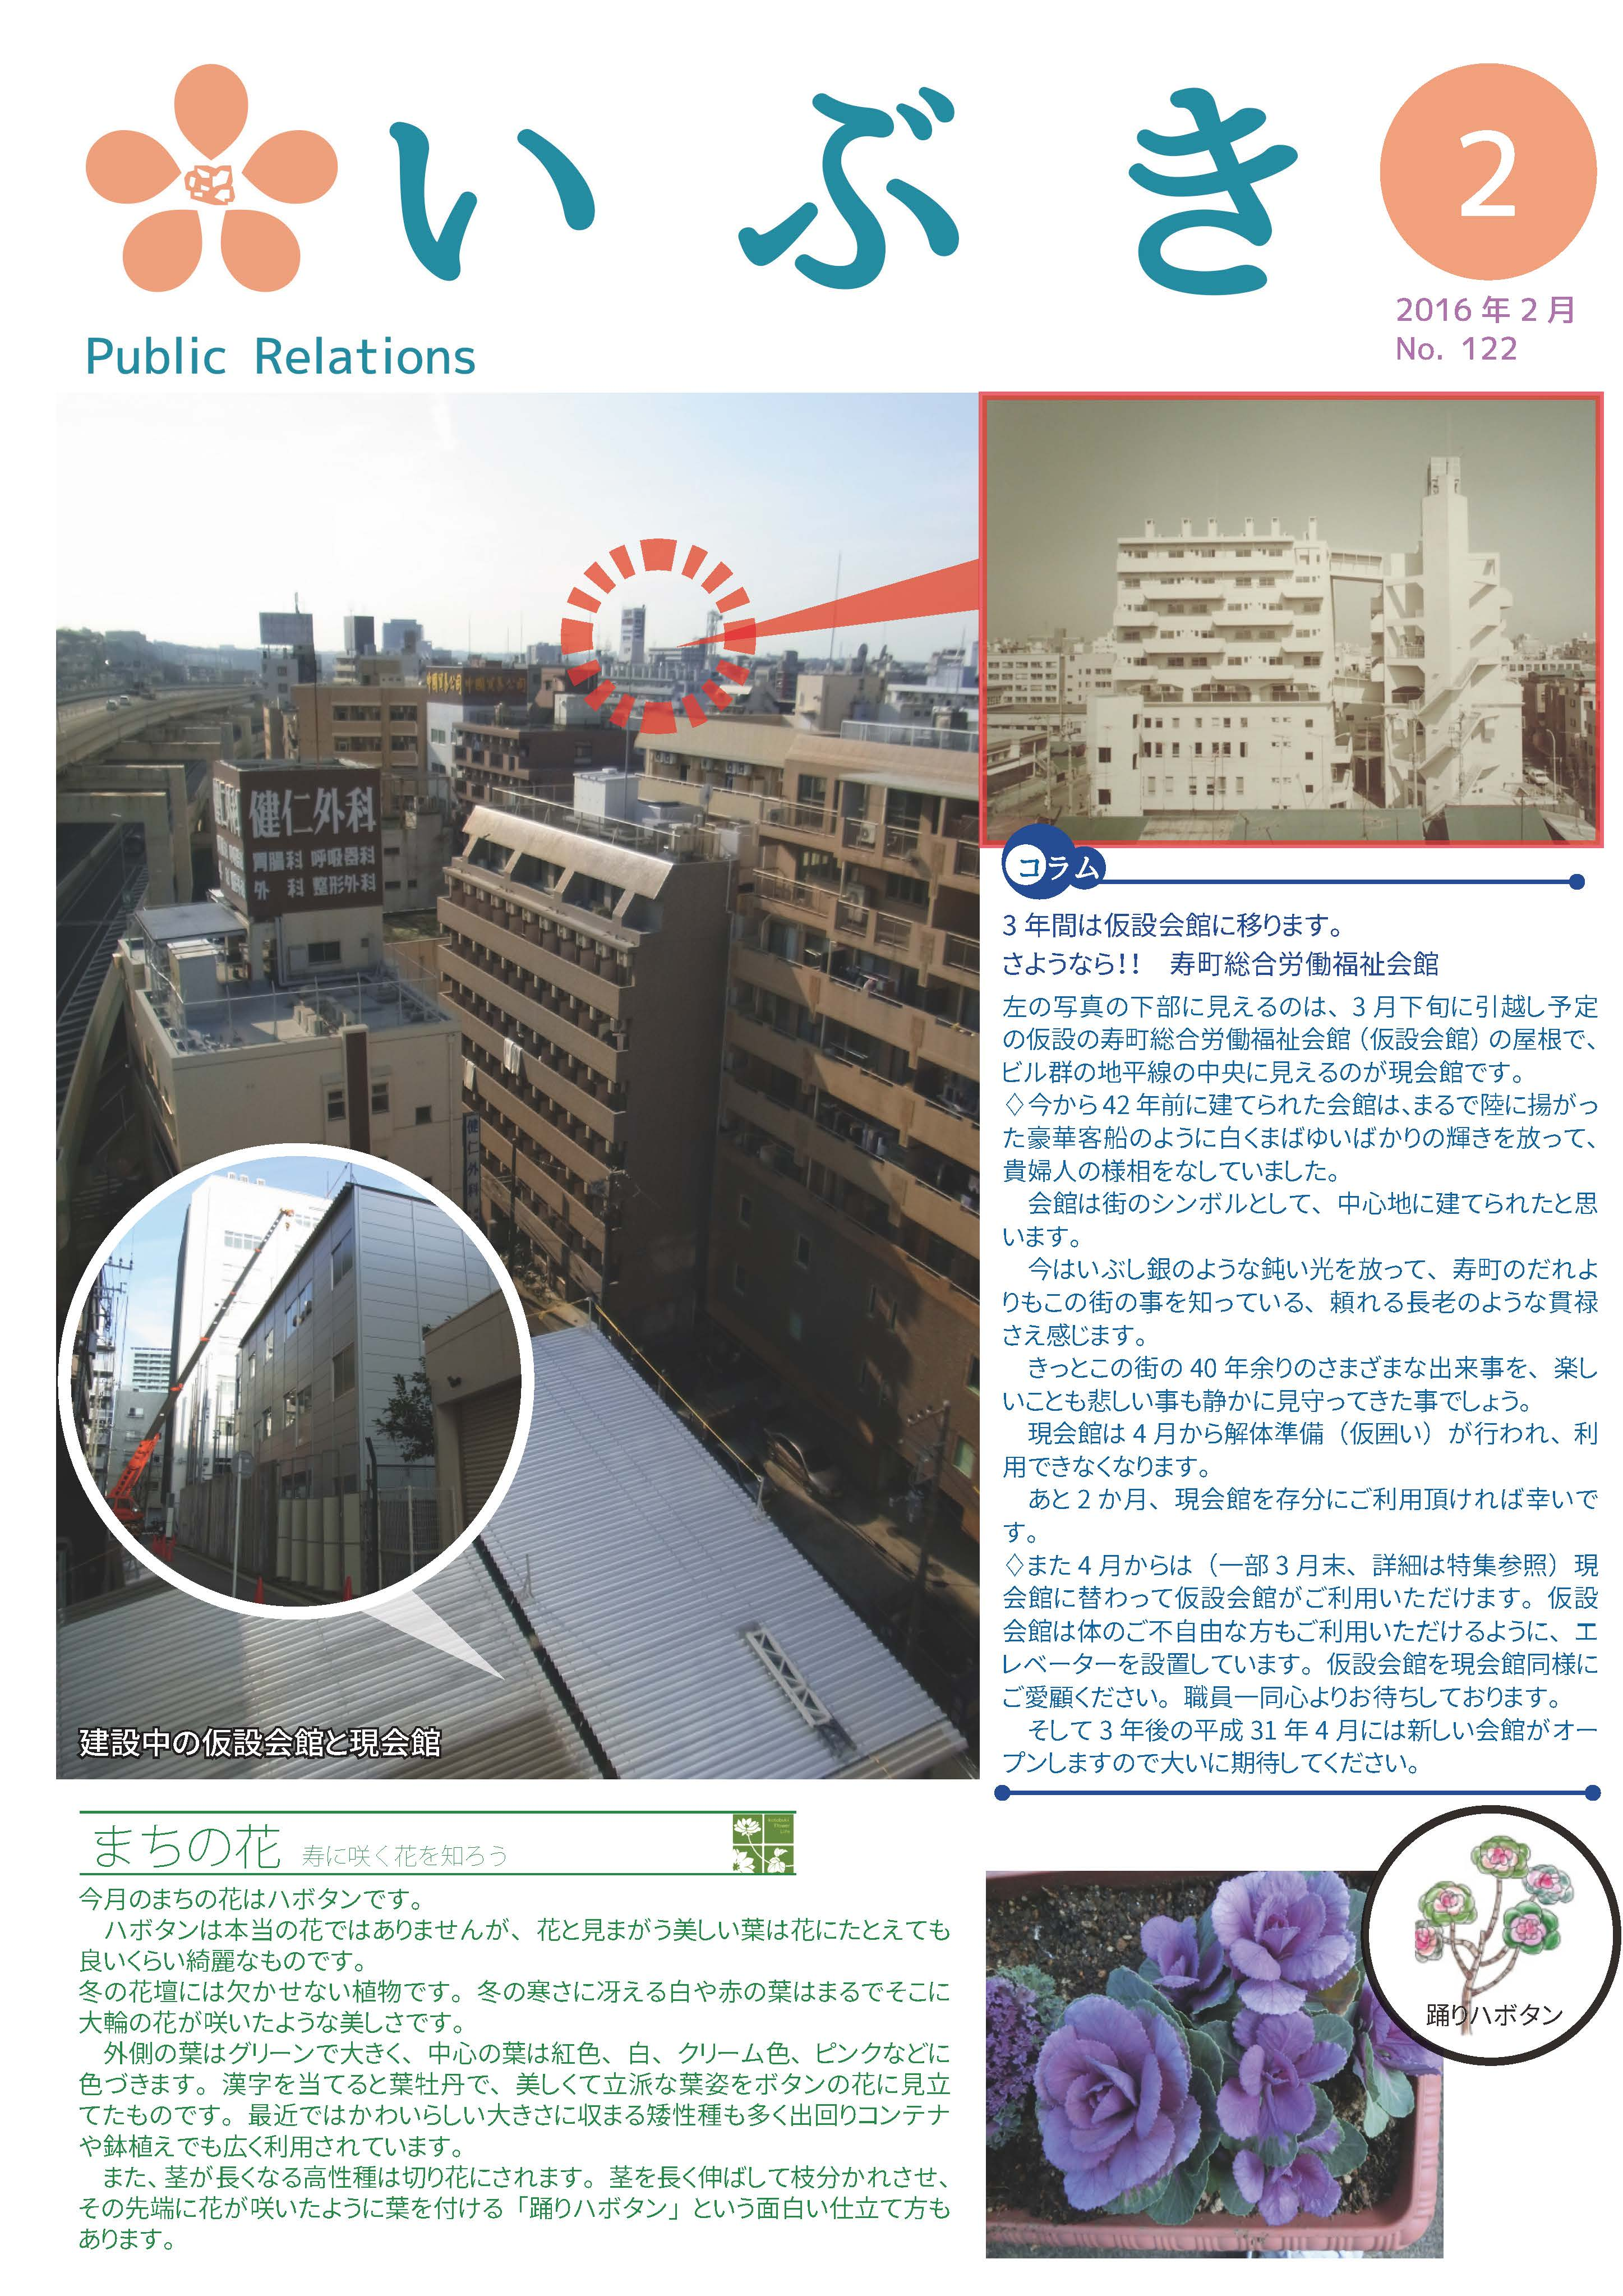 広報紙いぶき2016年2月号(No.122)